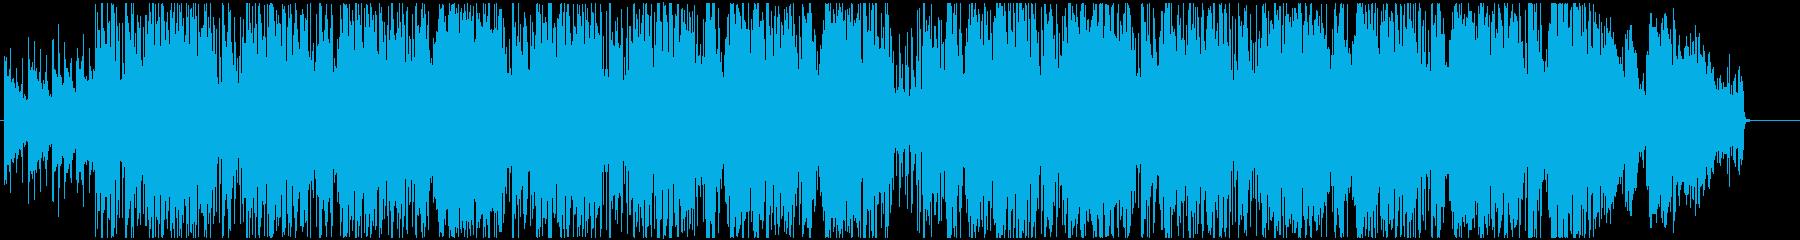 チルな女性ボーカルのチル、ヒップホップ系の再生済みの波形